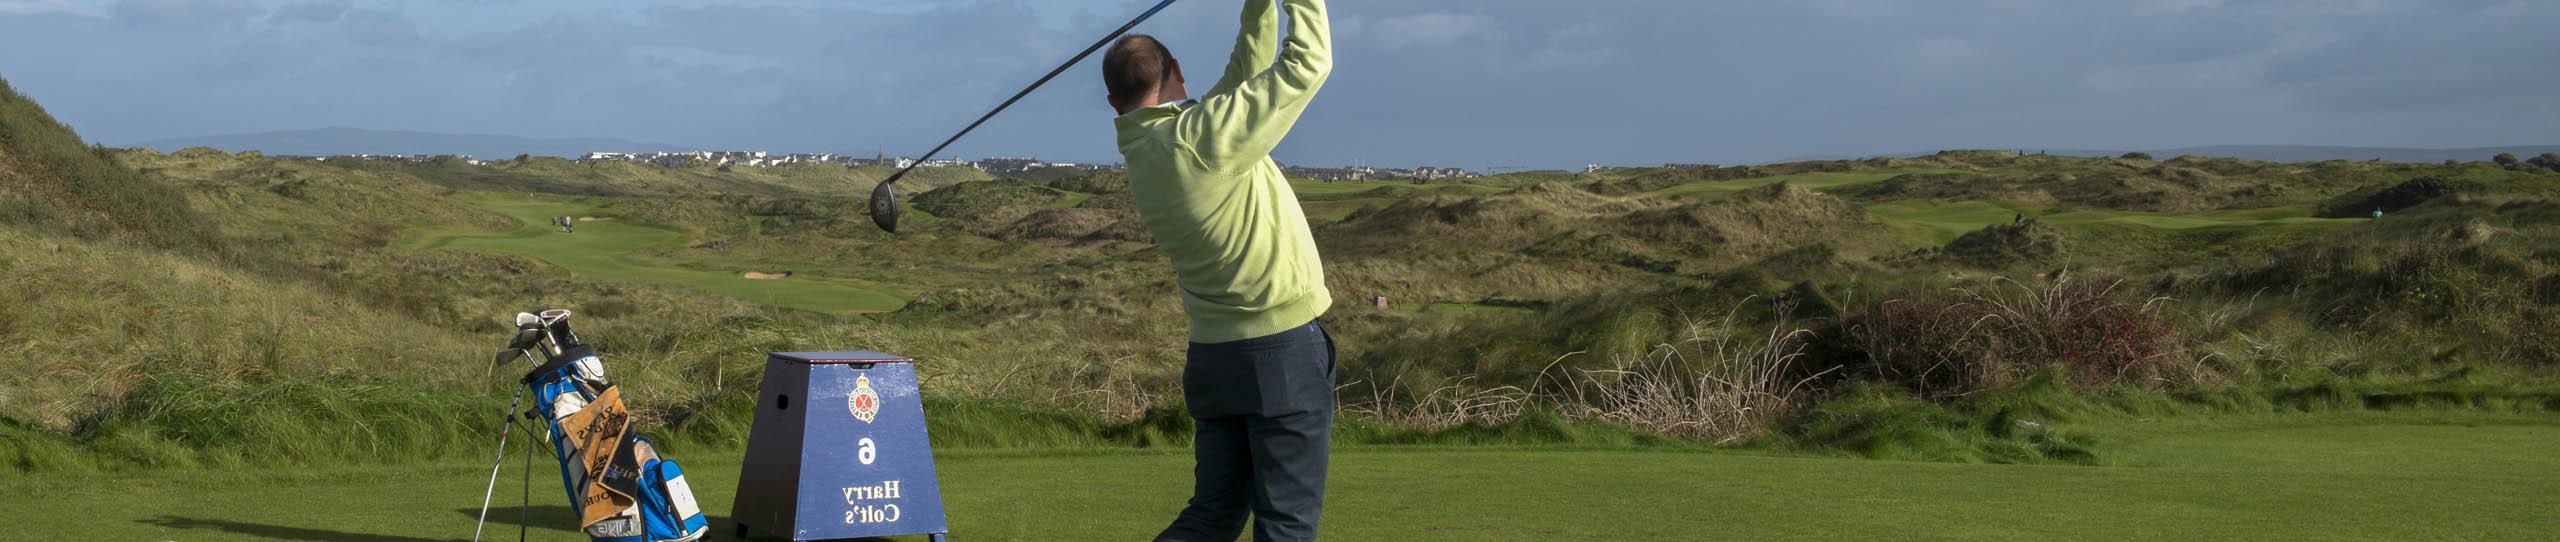 sejour linguistique adulte en irlande avec golf et cours d'anglais